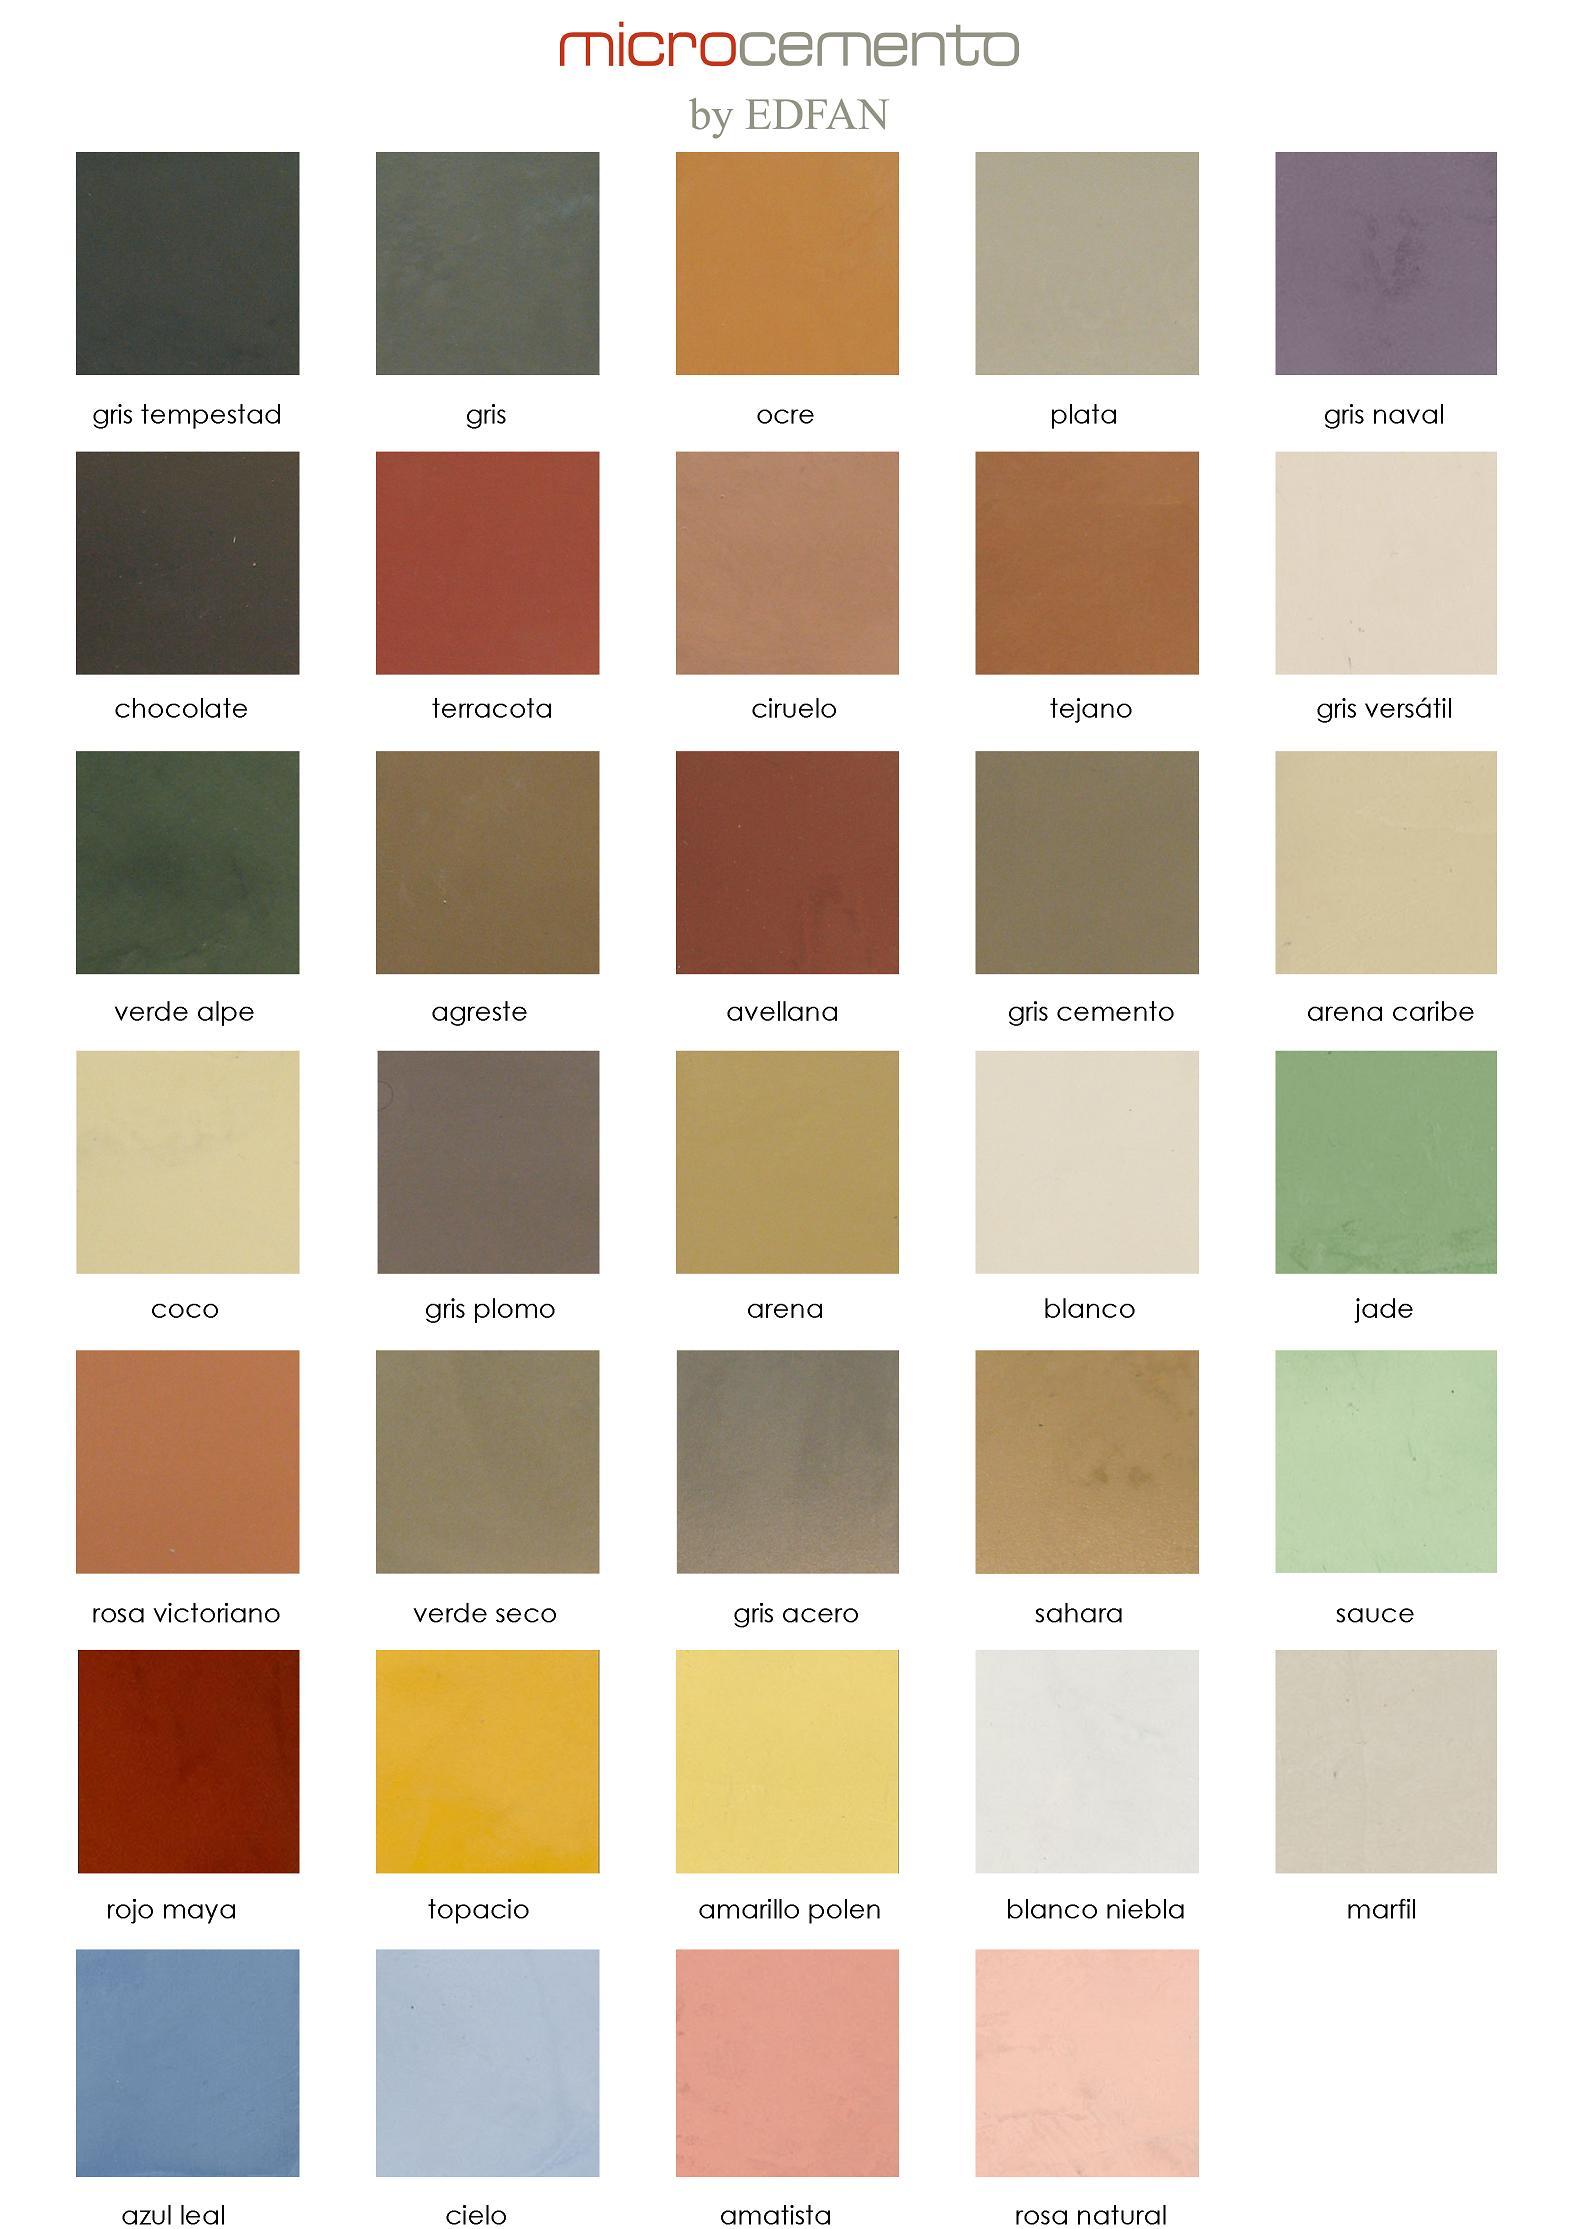 Microcemento Baños Colores:colores microcemento edfan